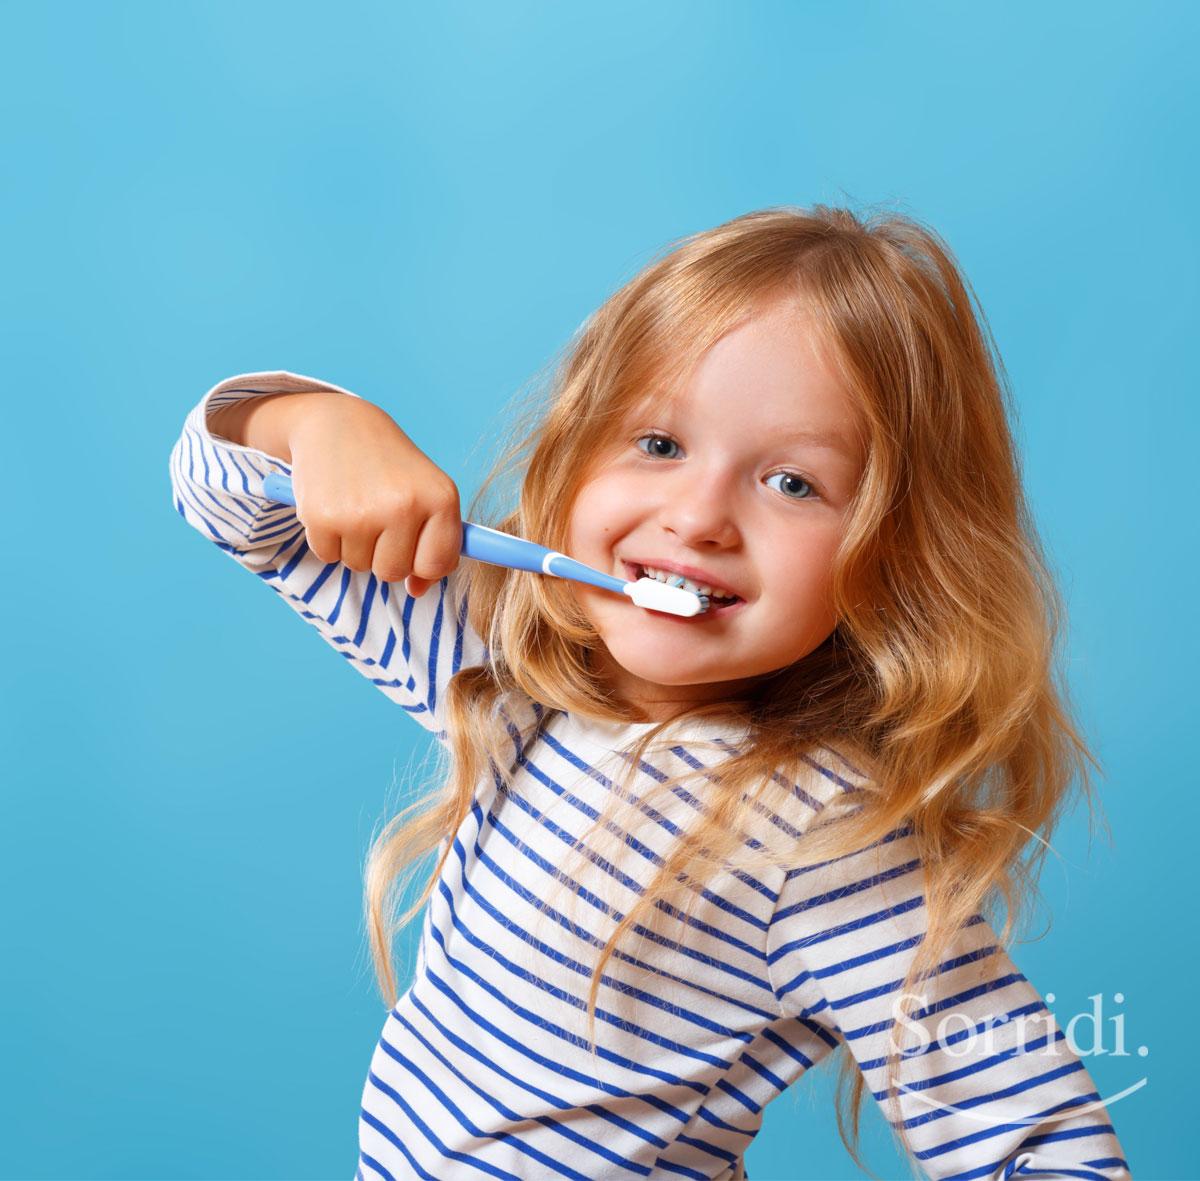 Sorridi-ch-magazine-guida-agli-spazzolini-per-bambini